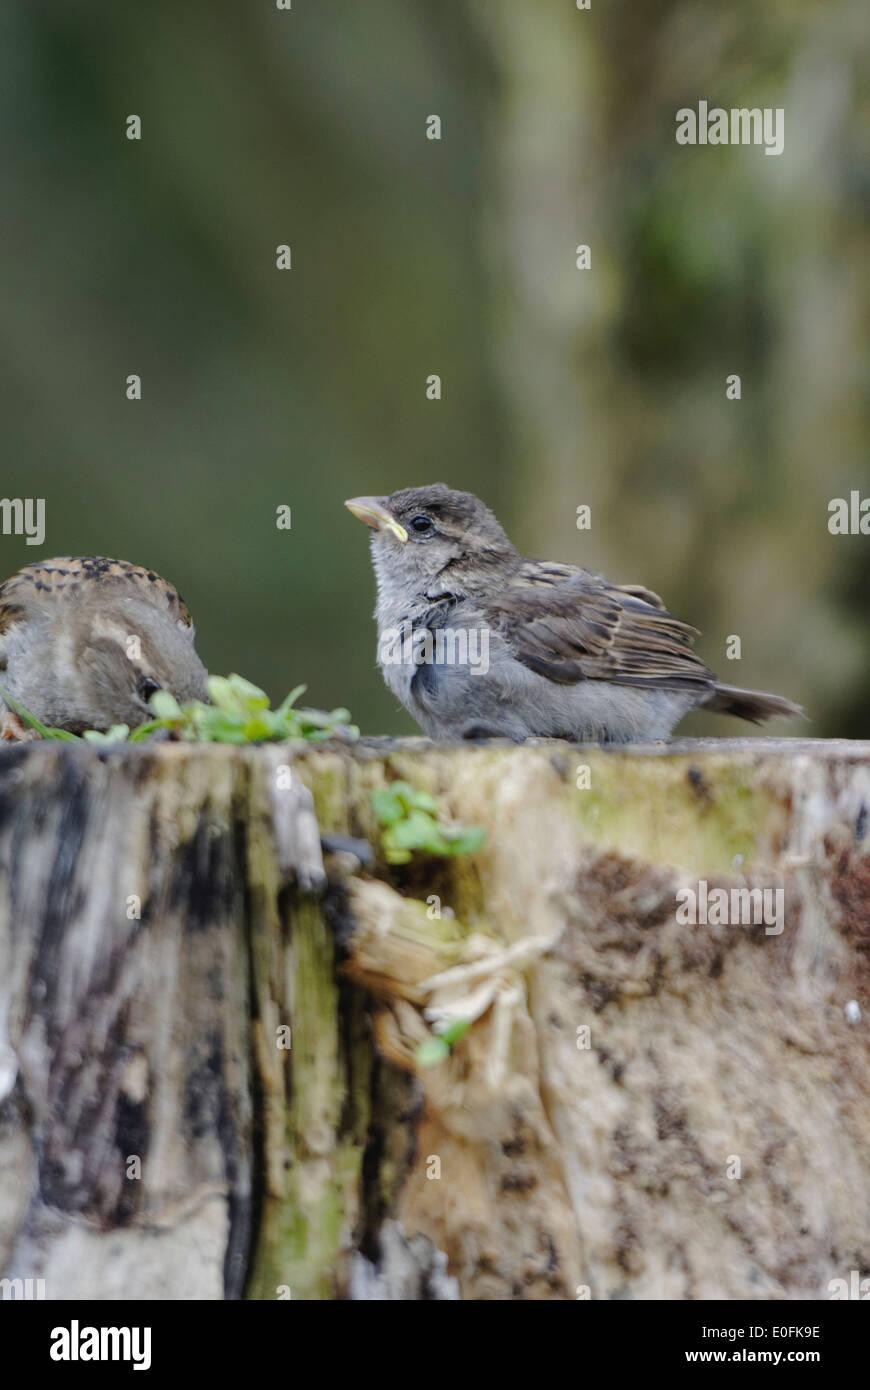 Jardín aves en Gales: sparrow alimenta a su joven y exigente incipiente en el alimento en el tocón de un árbol Foto de stock